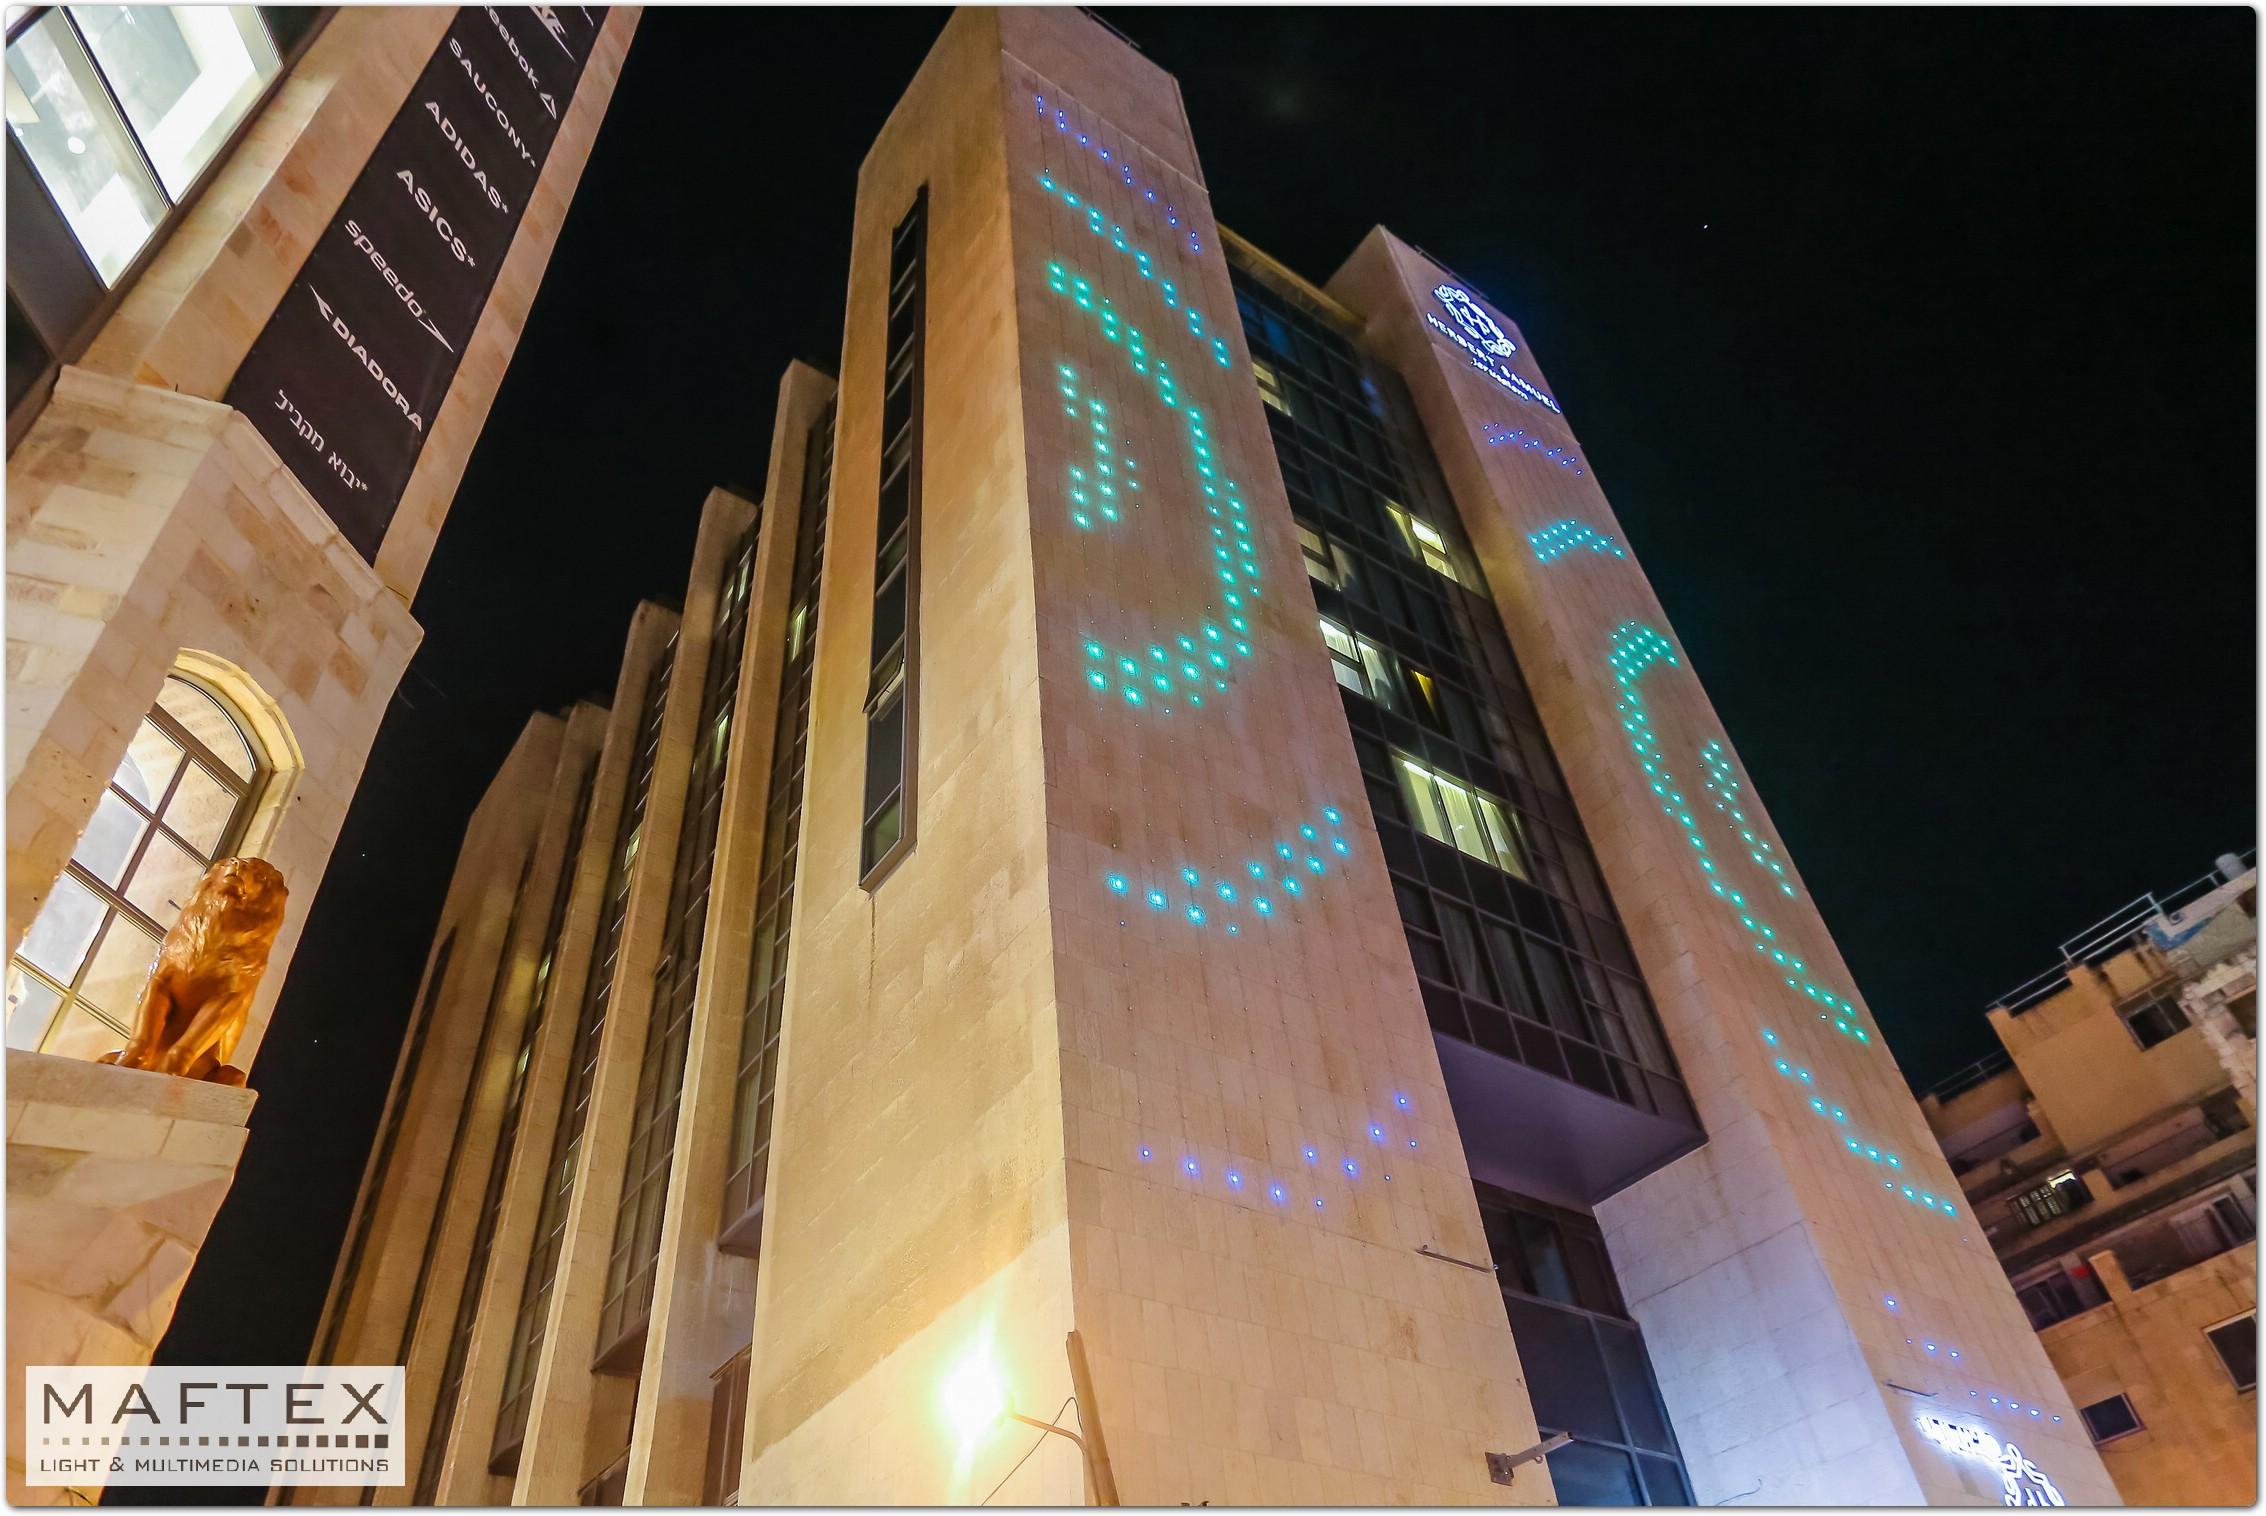 תאורה לחזיתות בית מלון